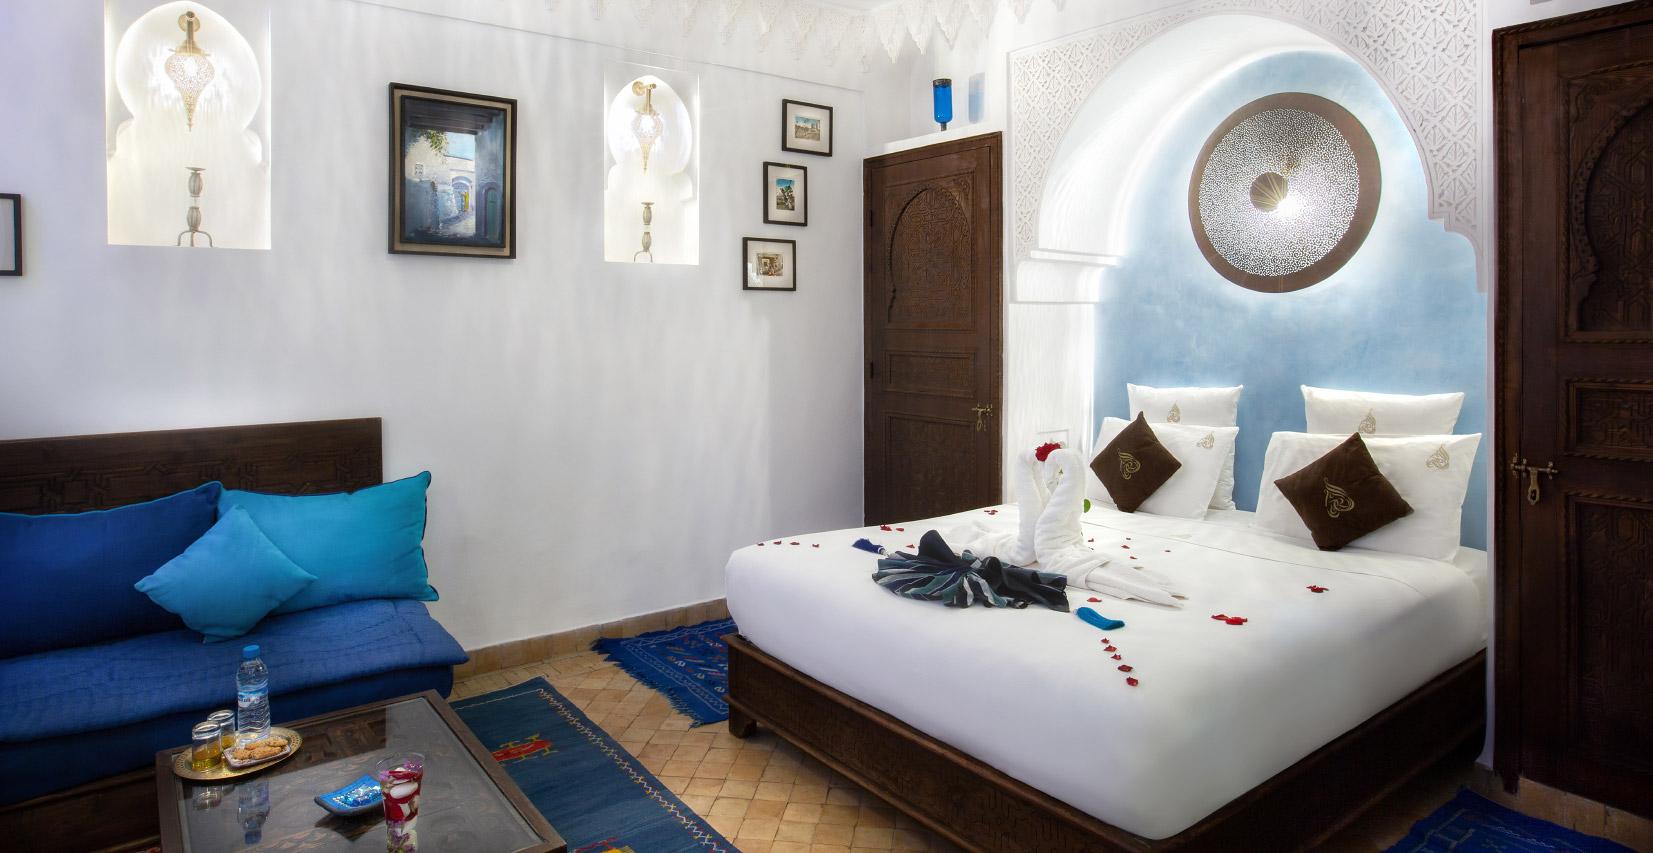 chambre de riad avec un grand lit sur lequel on voit deux serviettes pliées en forme d'oiseau et des pétales de roses tout autour